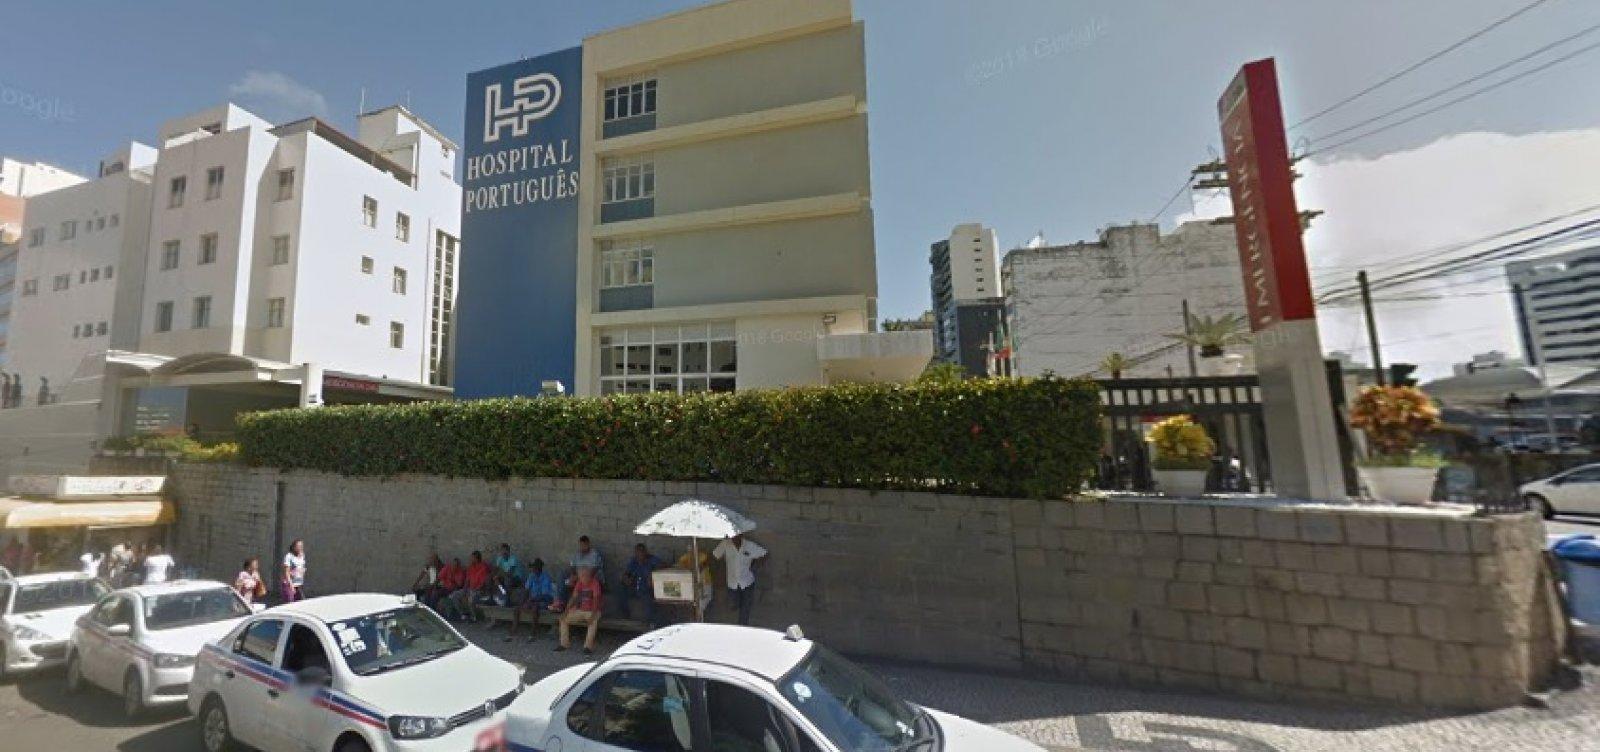 [Funcionários do Hospital Português denunciam suposto desconto irregular no salário]